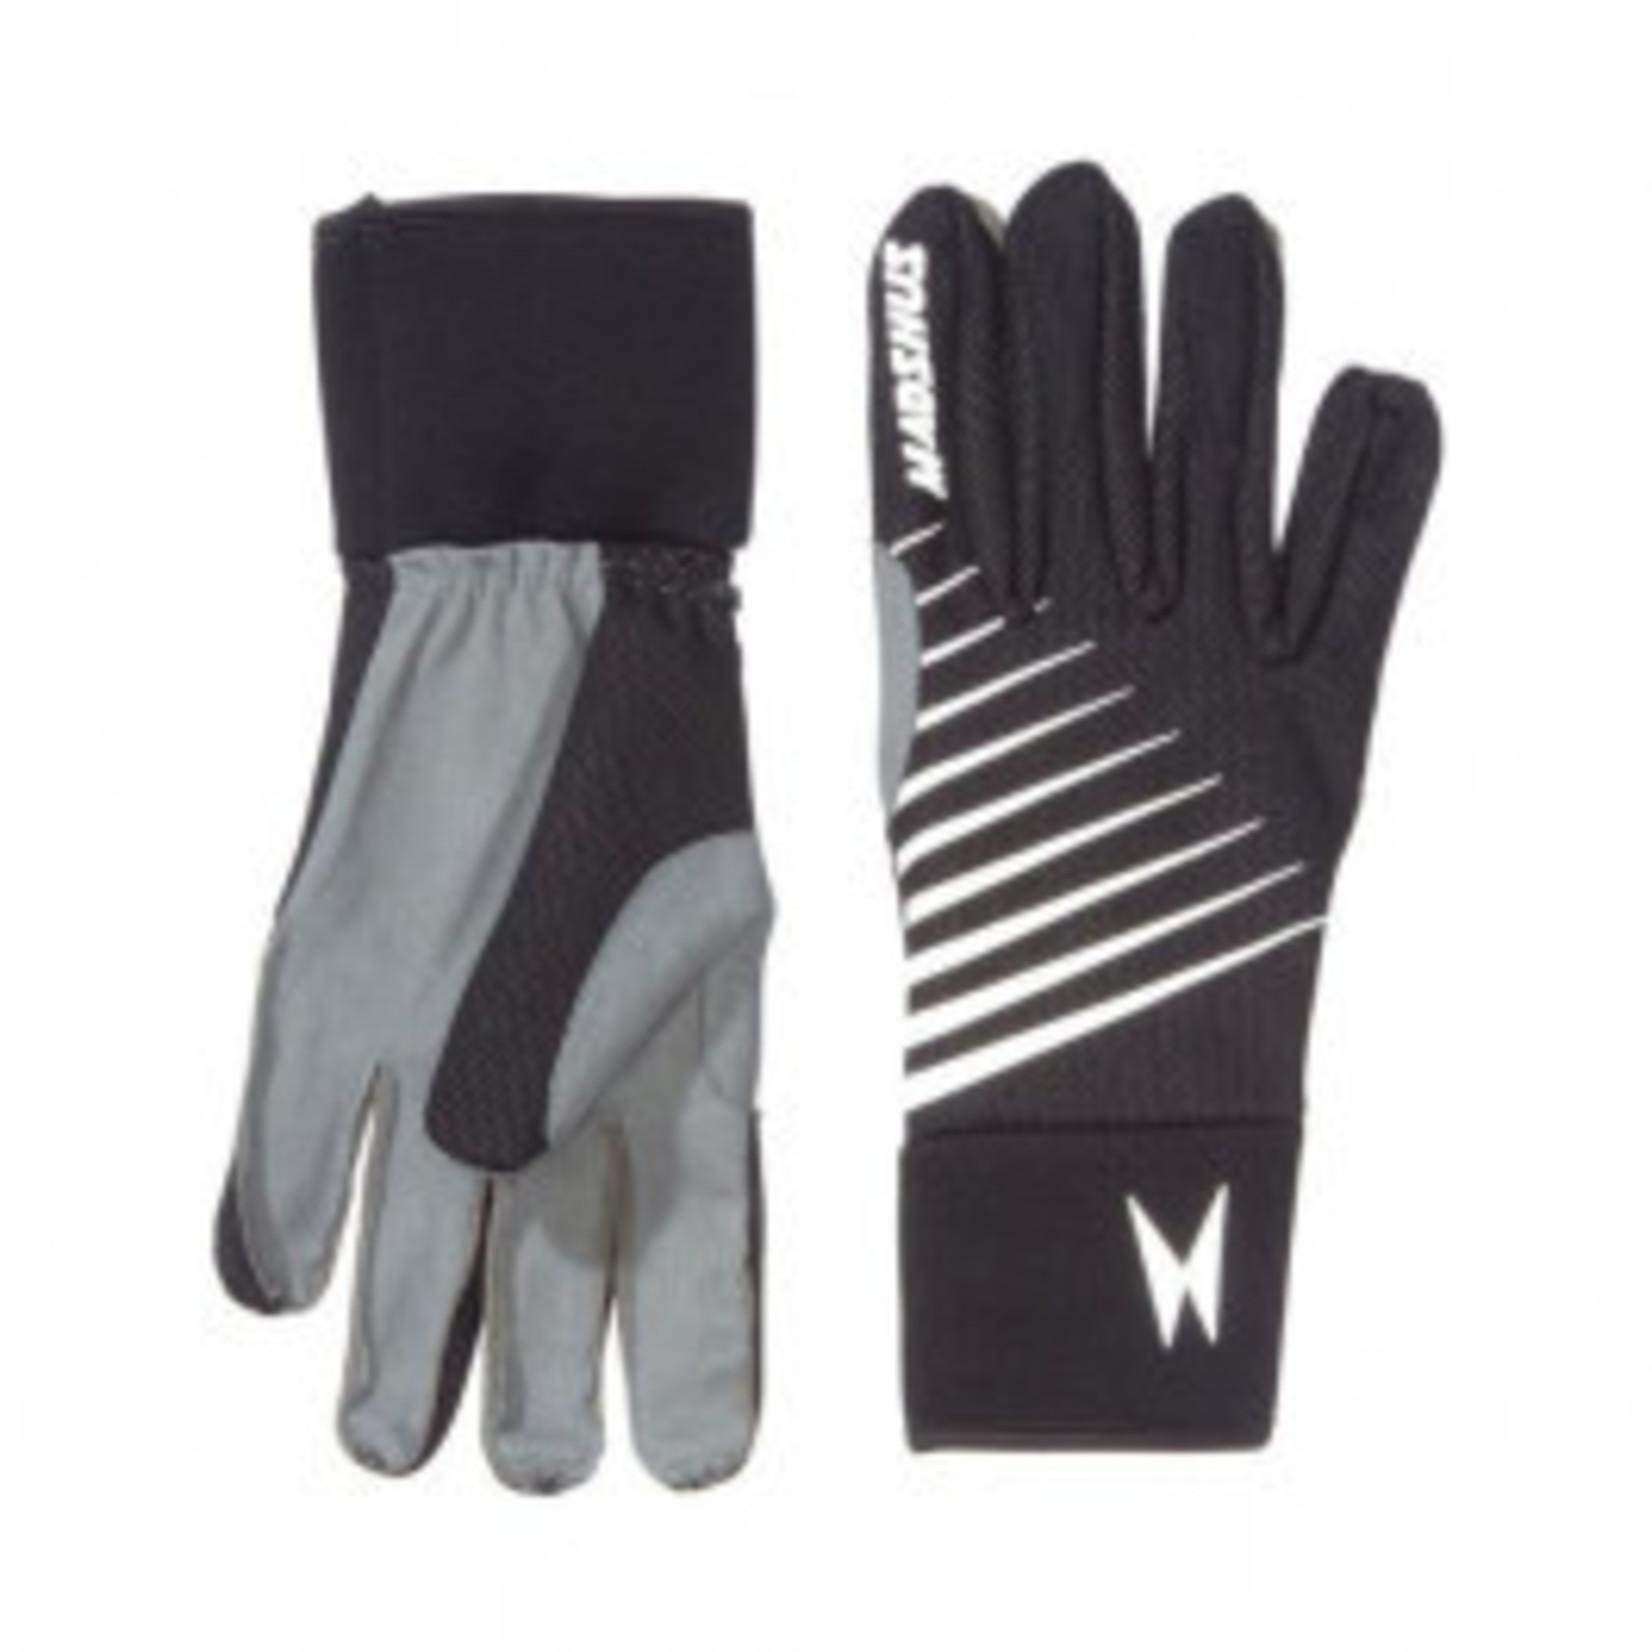 Madshus Madshus Thermo Glove